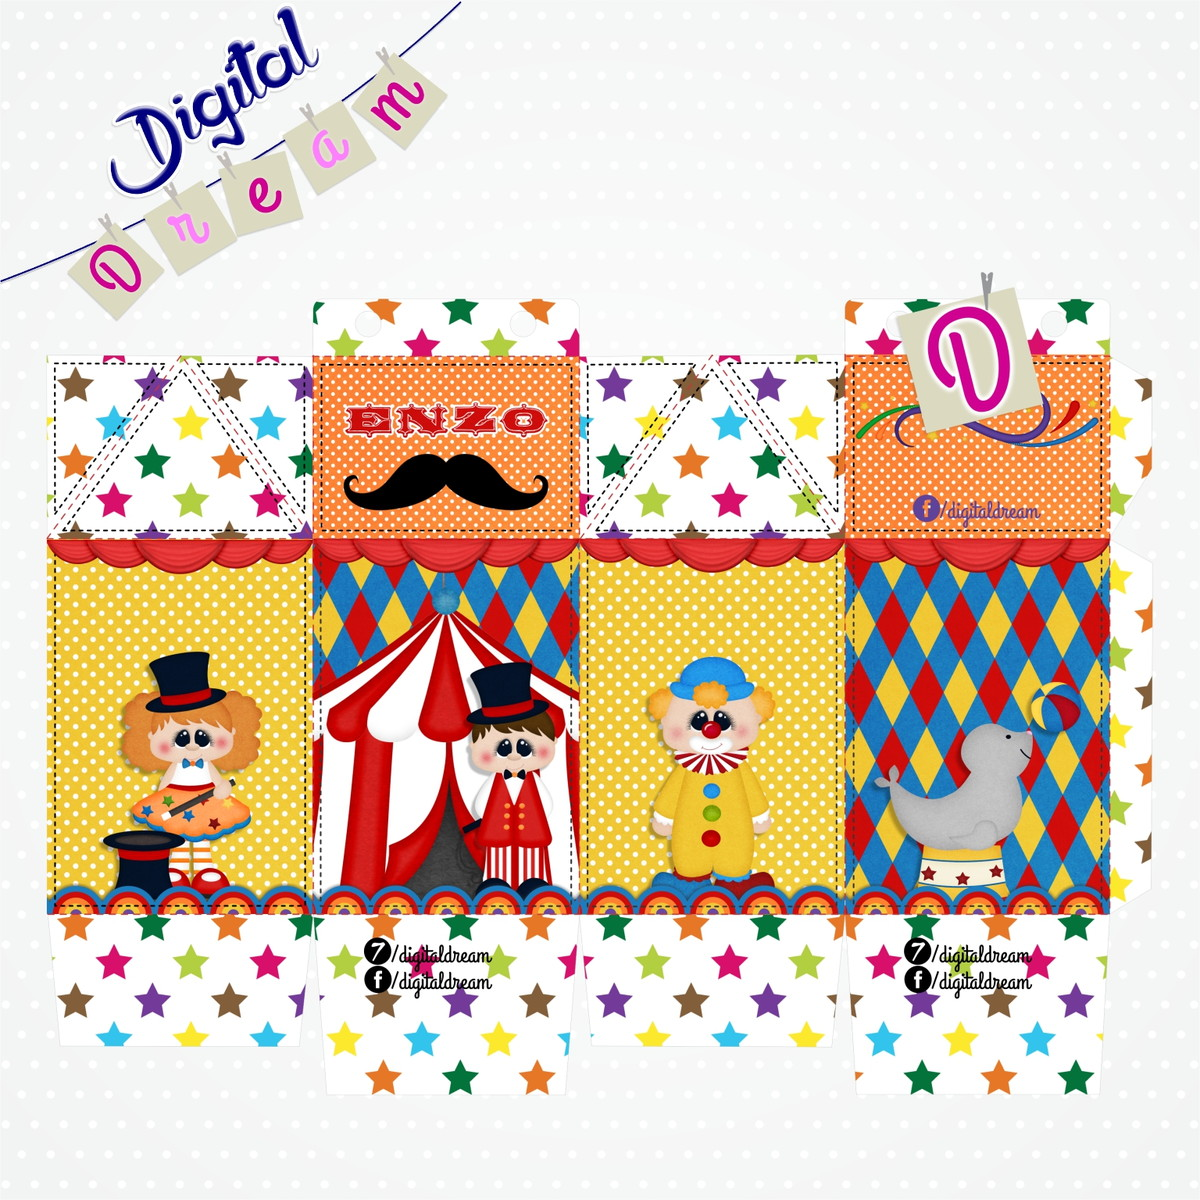 Caixa Milk Circo Digital No Elo7 Digital Dream 81355e